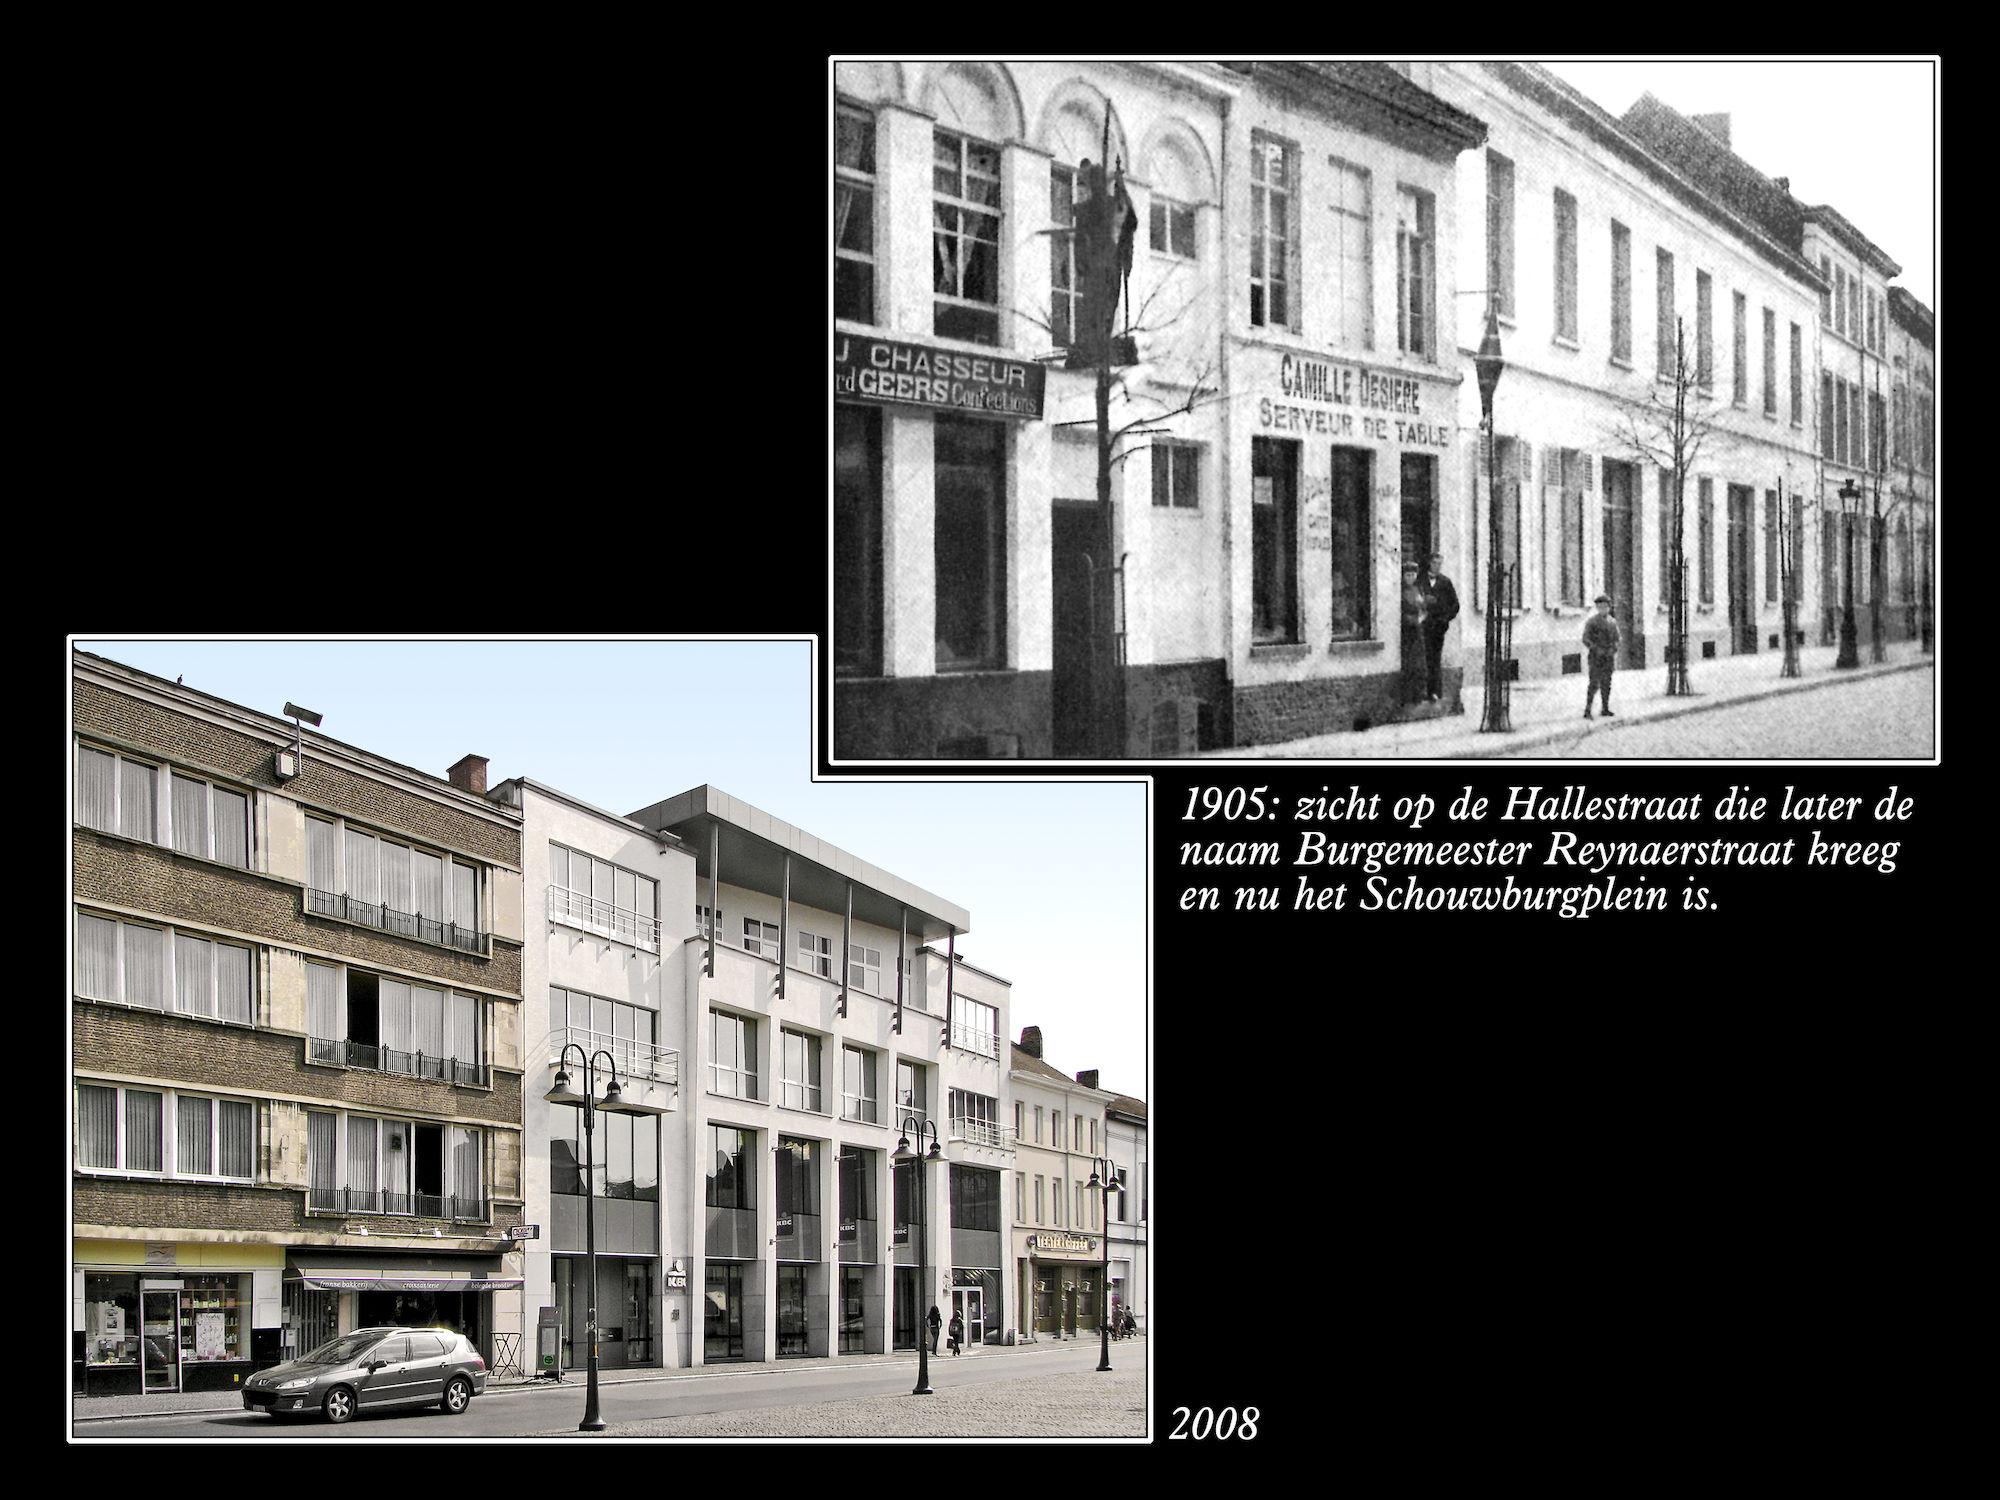 Schouwburgplein anno 1905 en 2008